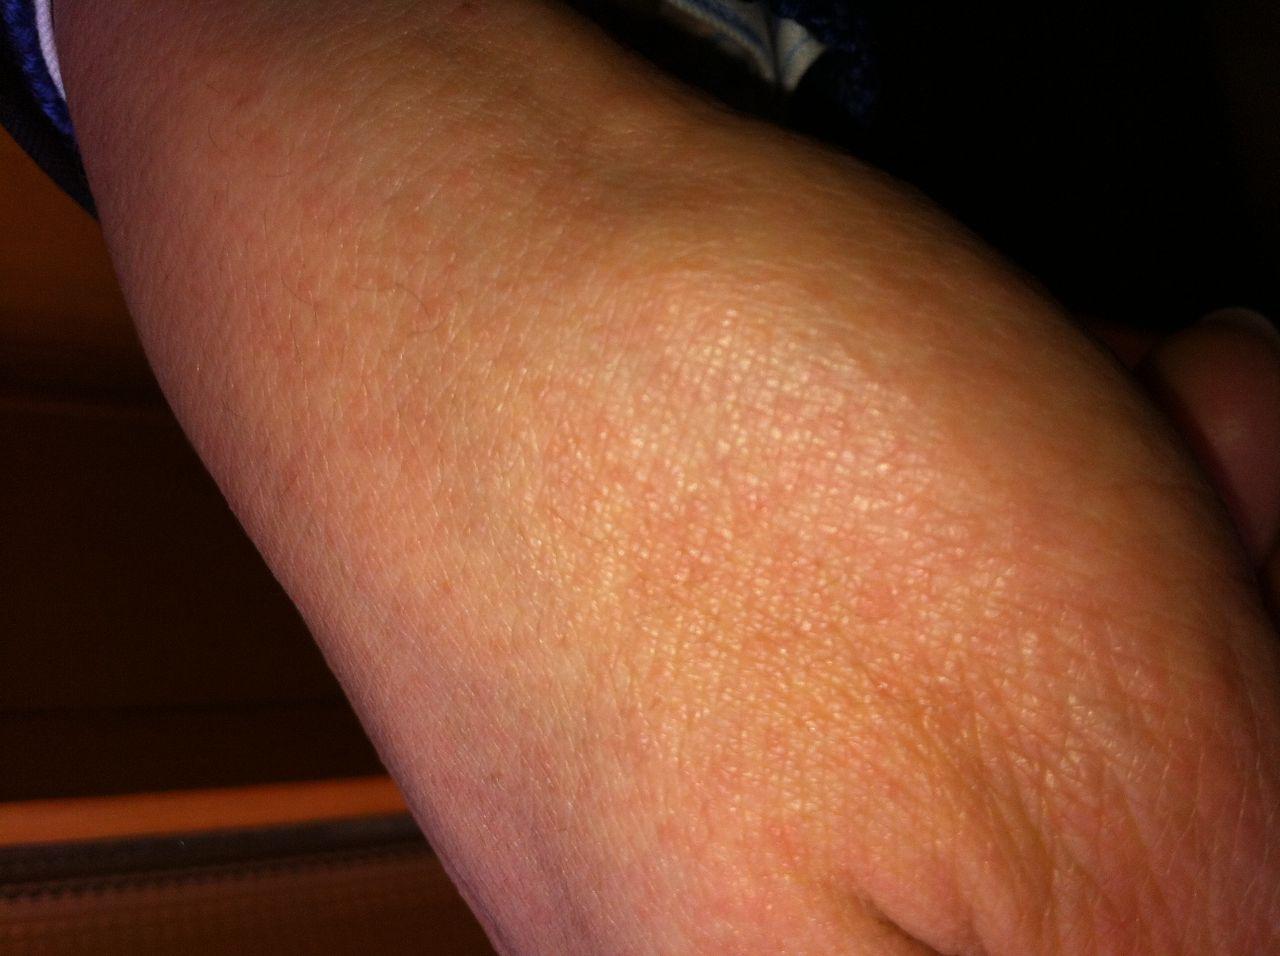 请问这是什么皮肤病?是过敏吗?